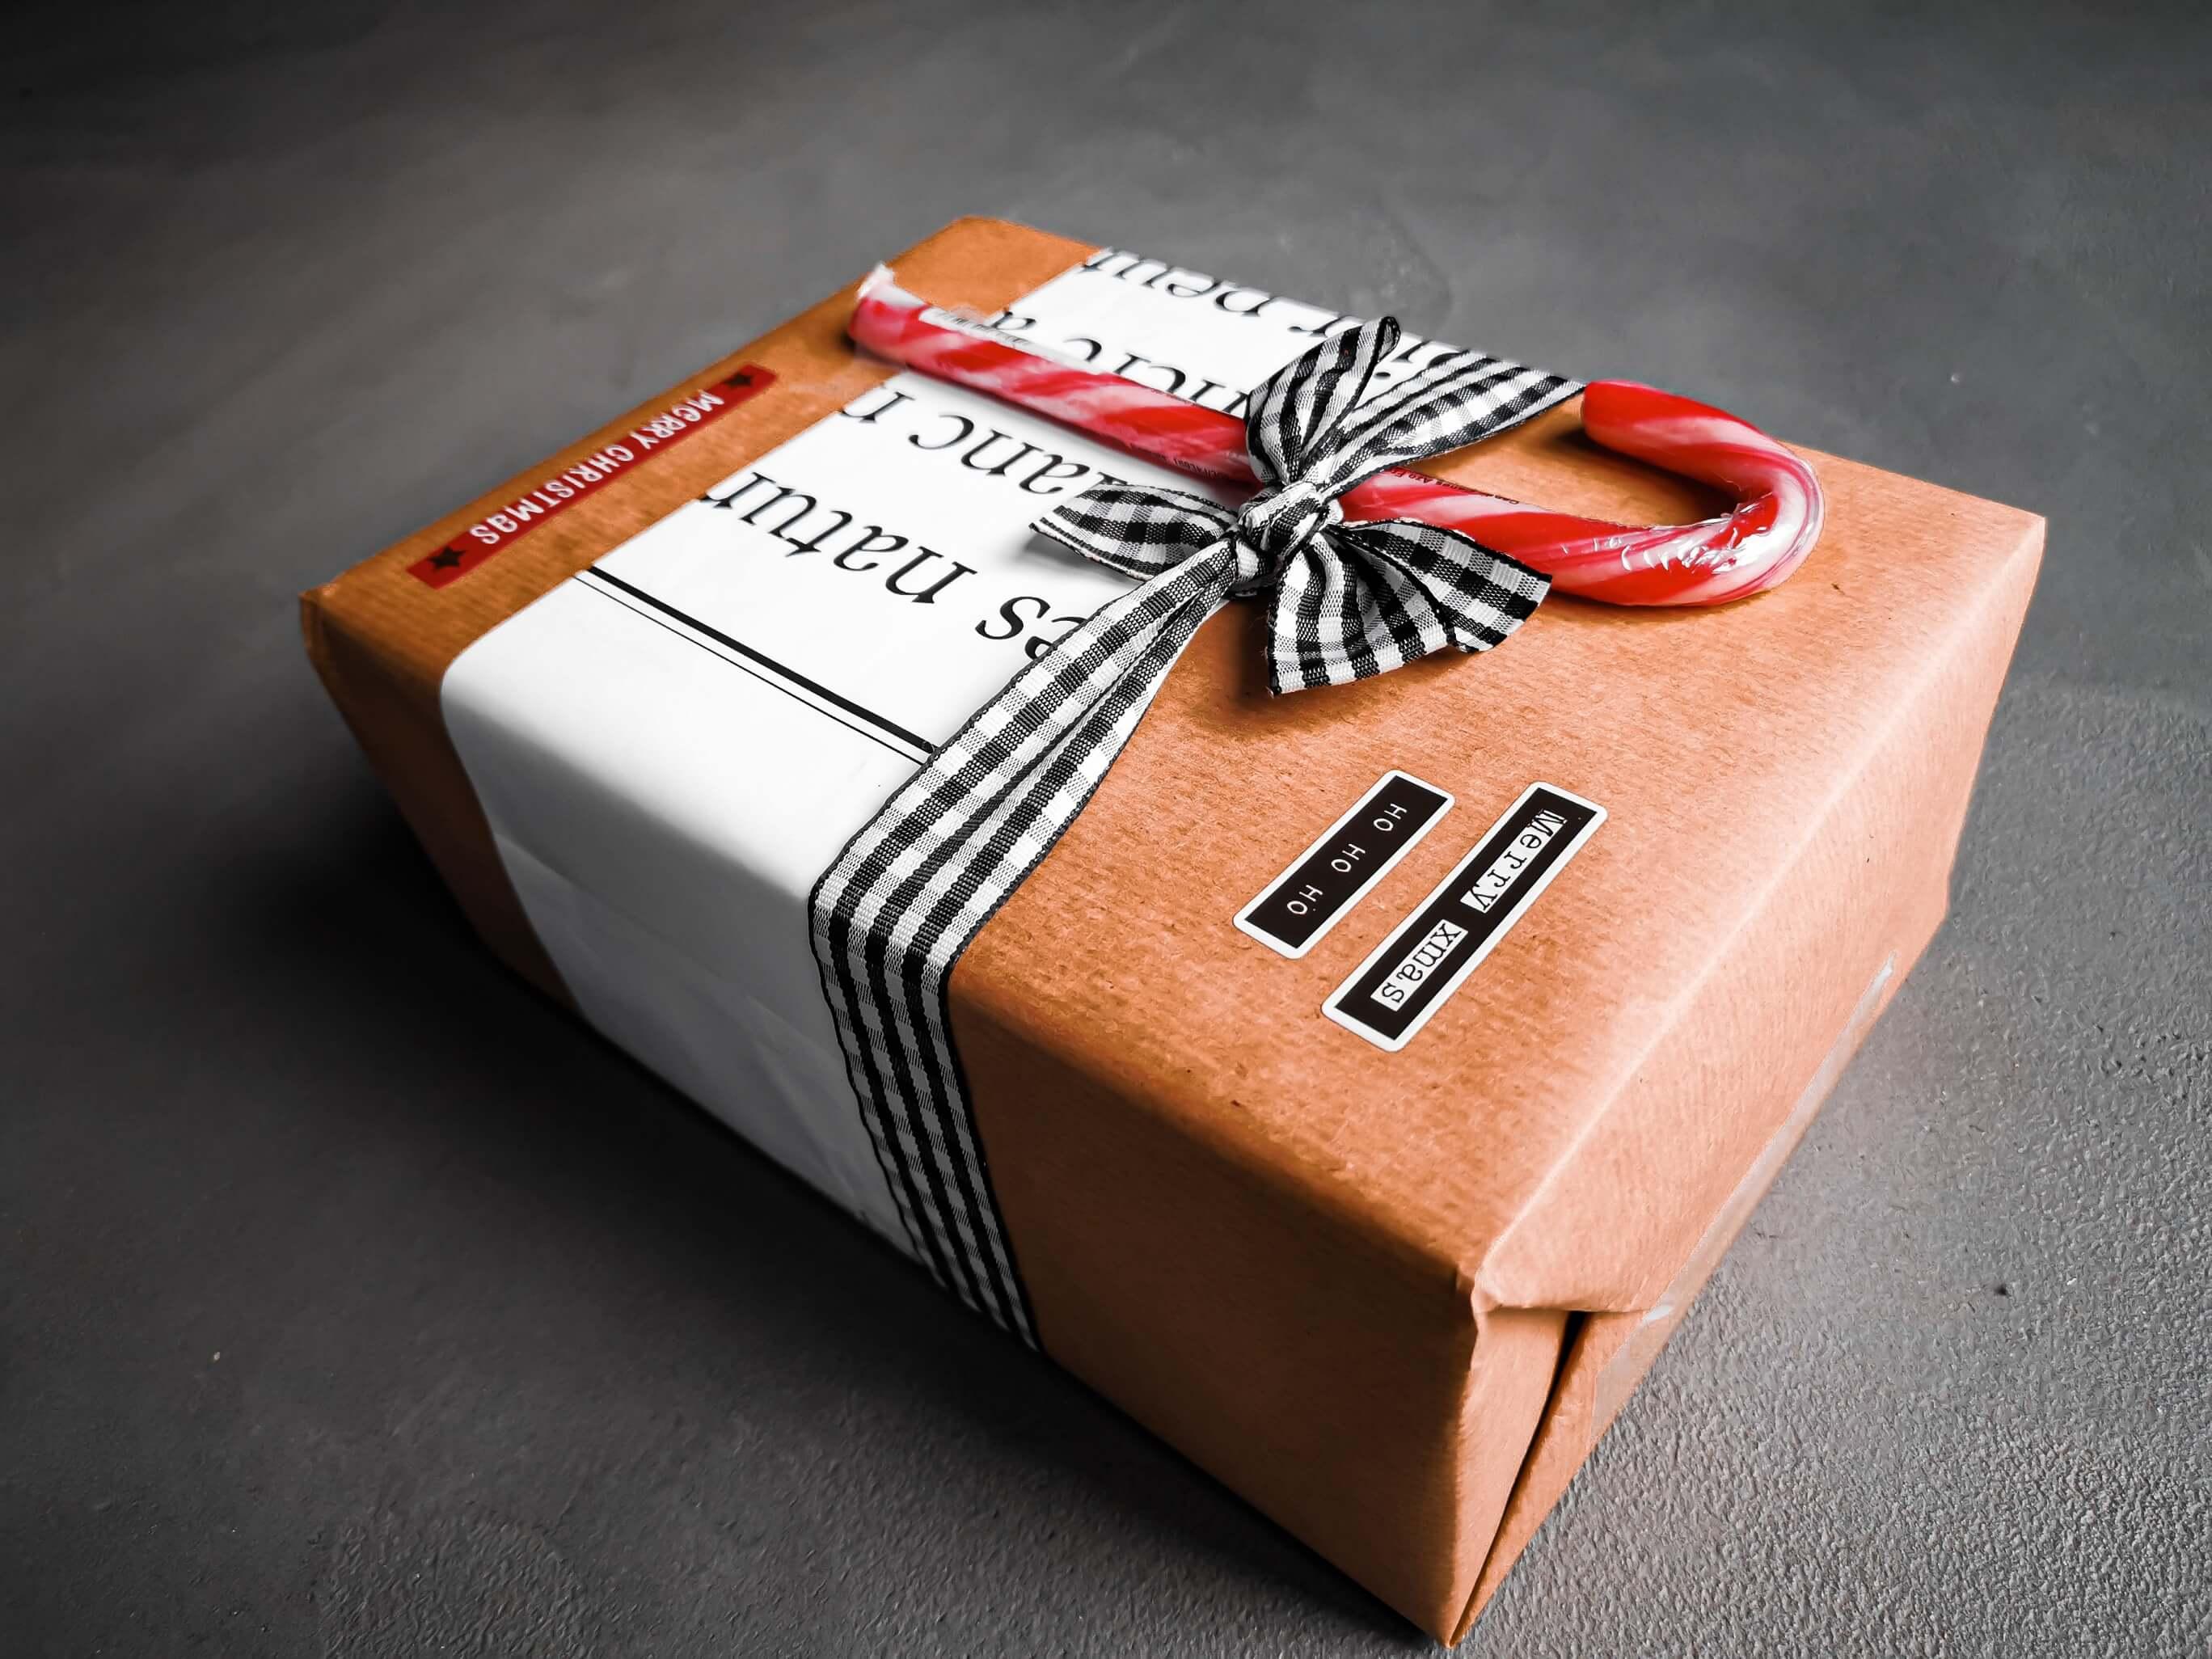 IMG 20191214 093407 resized 20191215 054324429 1 - Geschenke verpacken: 11 kreative Tipps zum Selbermachen